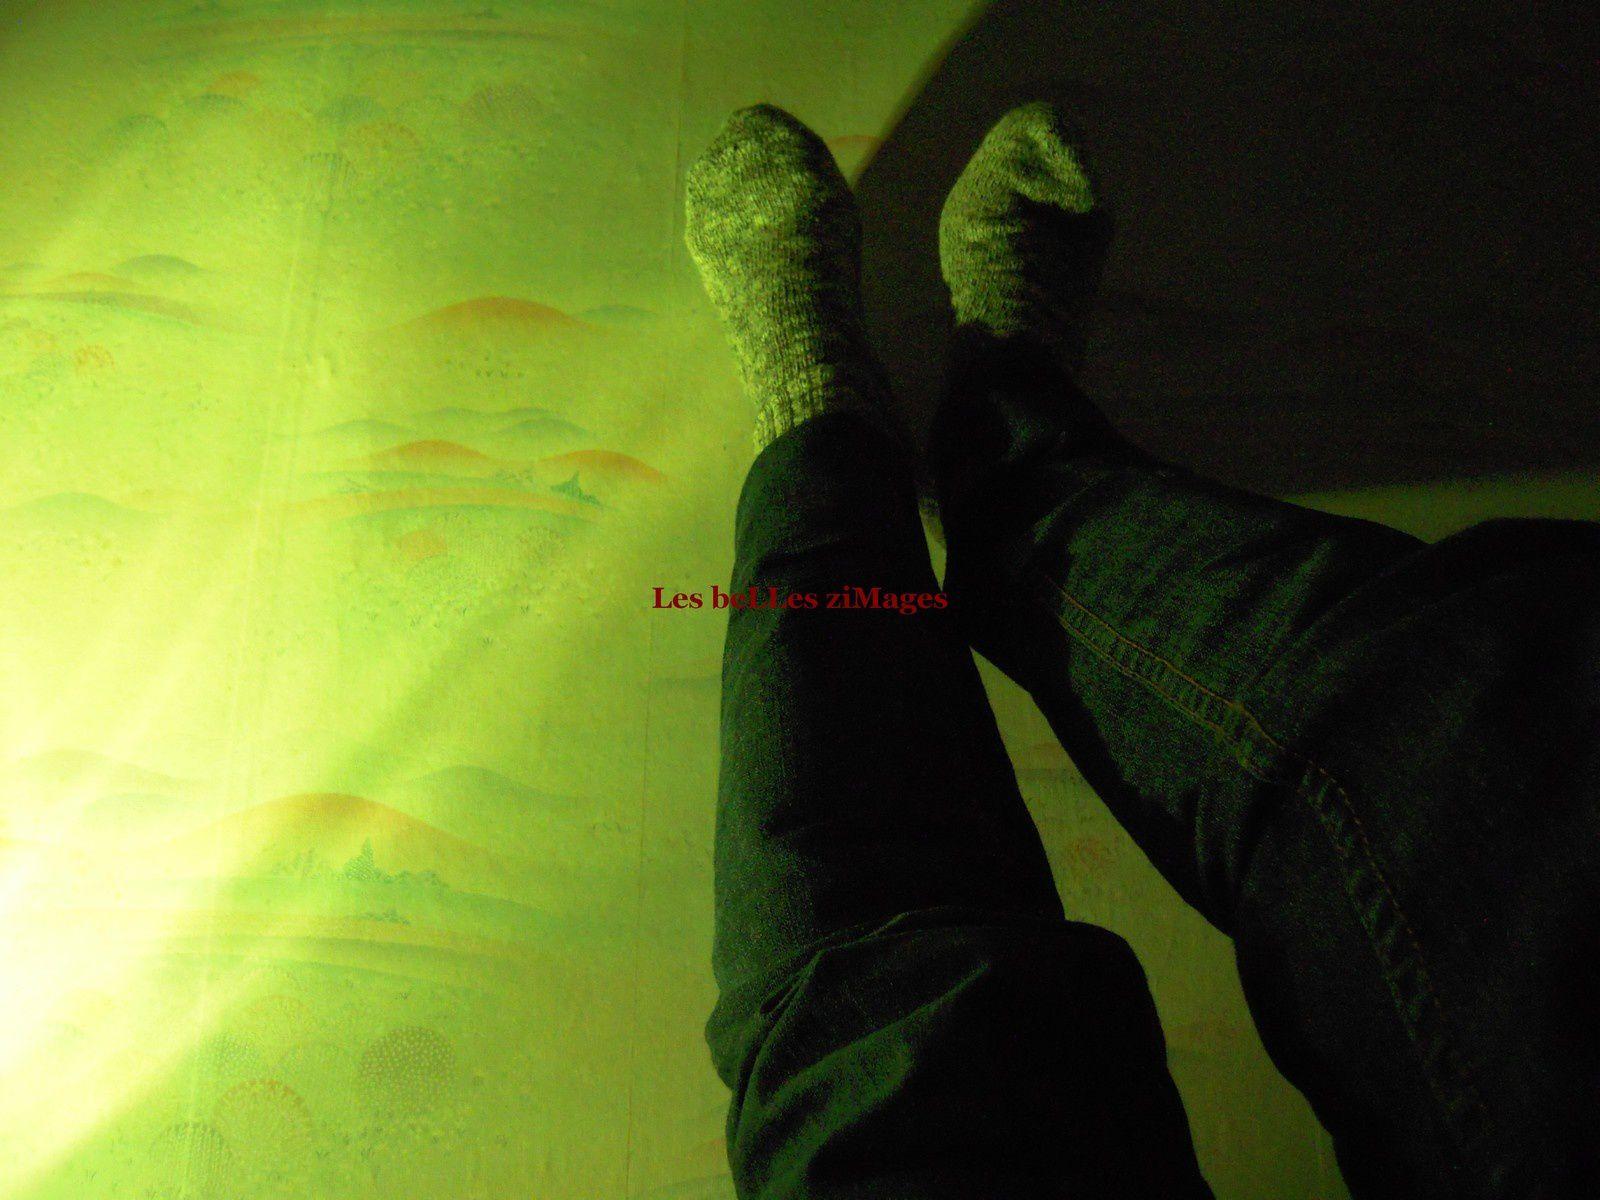 Les pieds dans la lumière